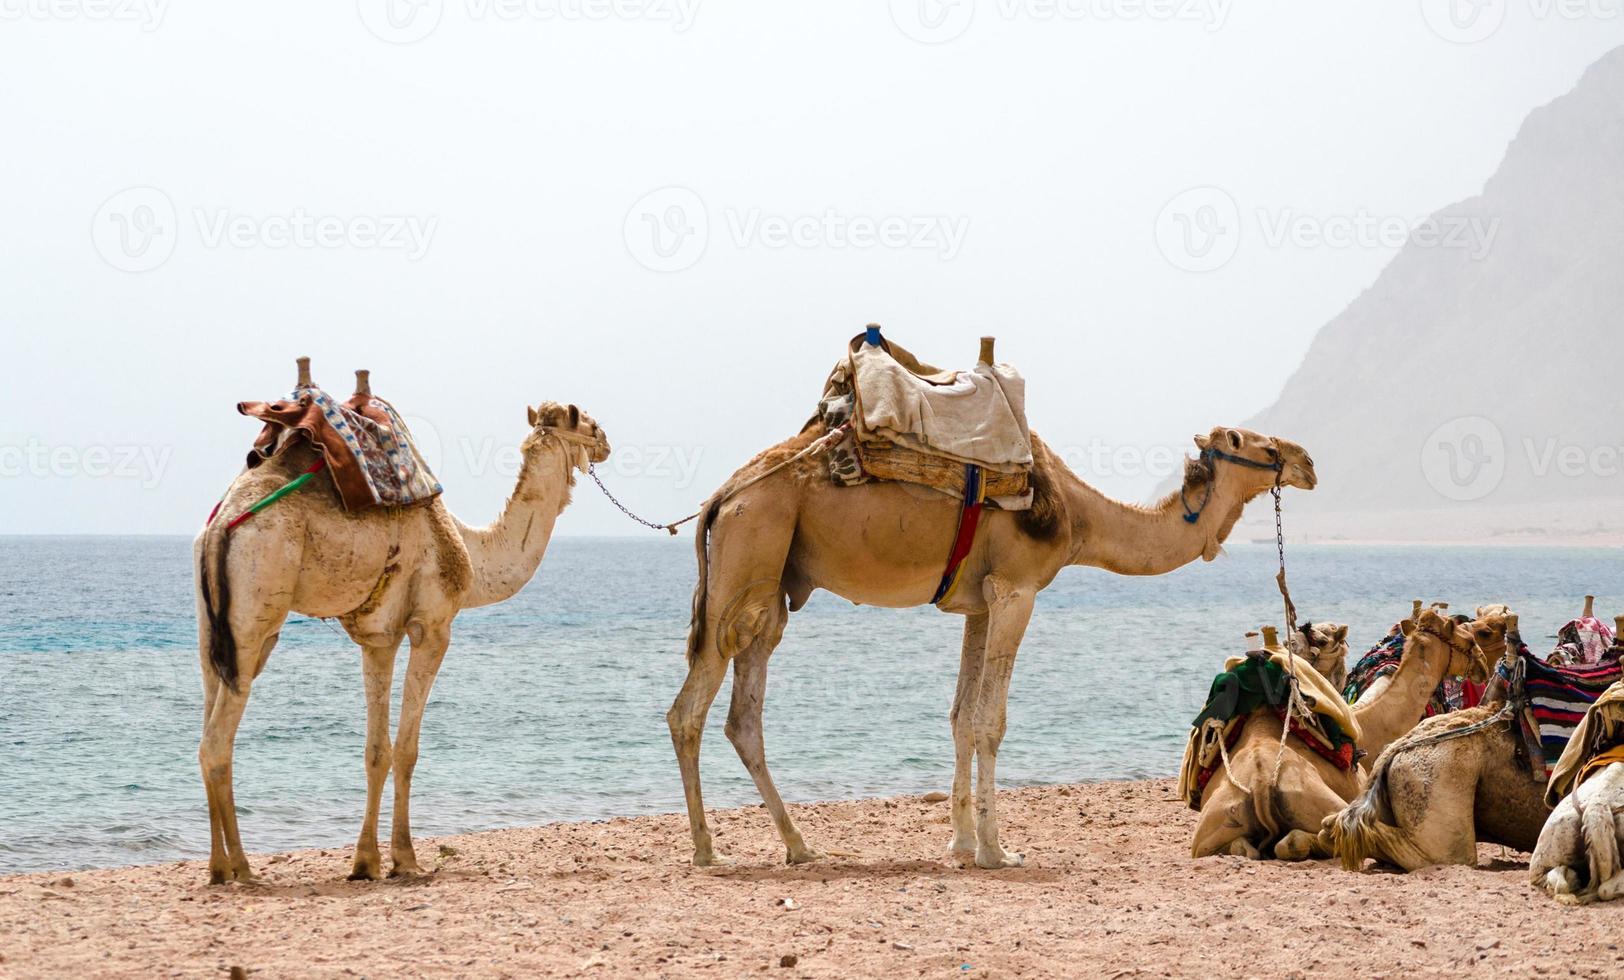 chameaux debout sur une plage photo